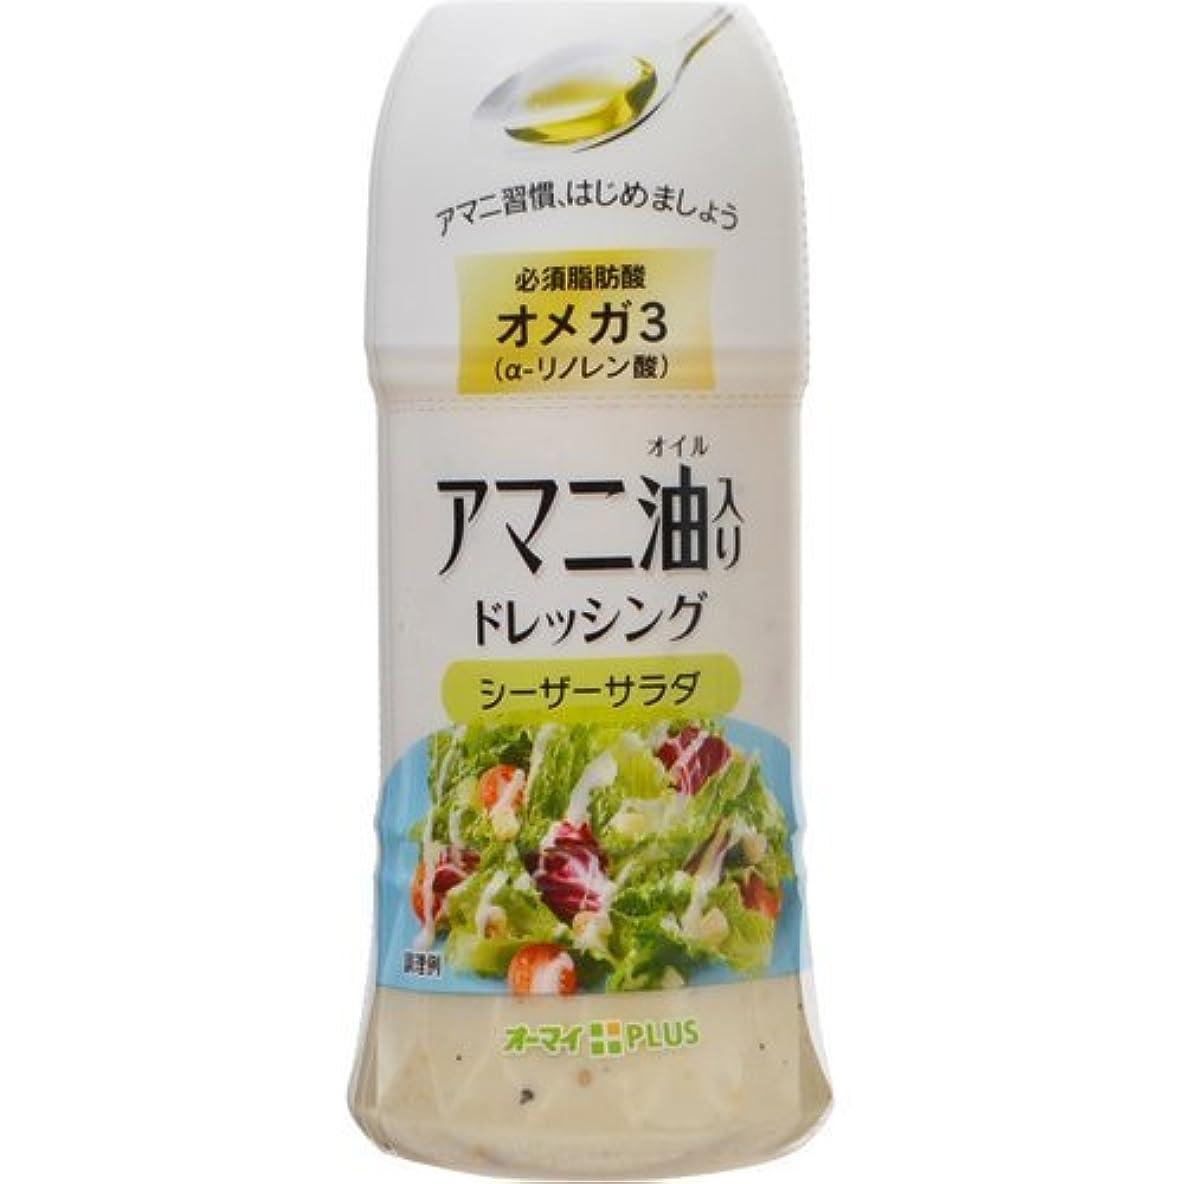 俳句油冒険アマニ油入り ドレッシング シーザーサラダ【6セット】